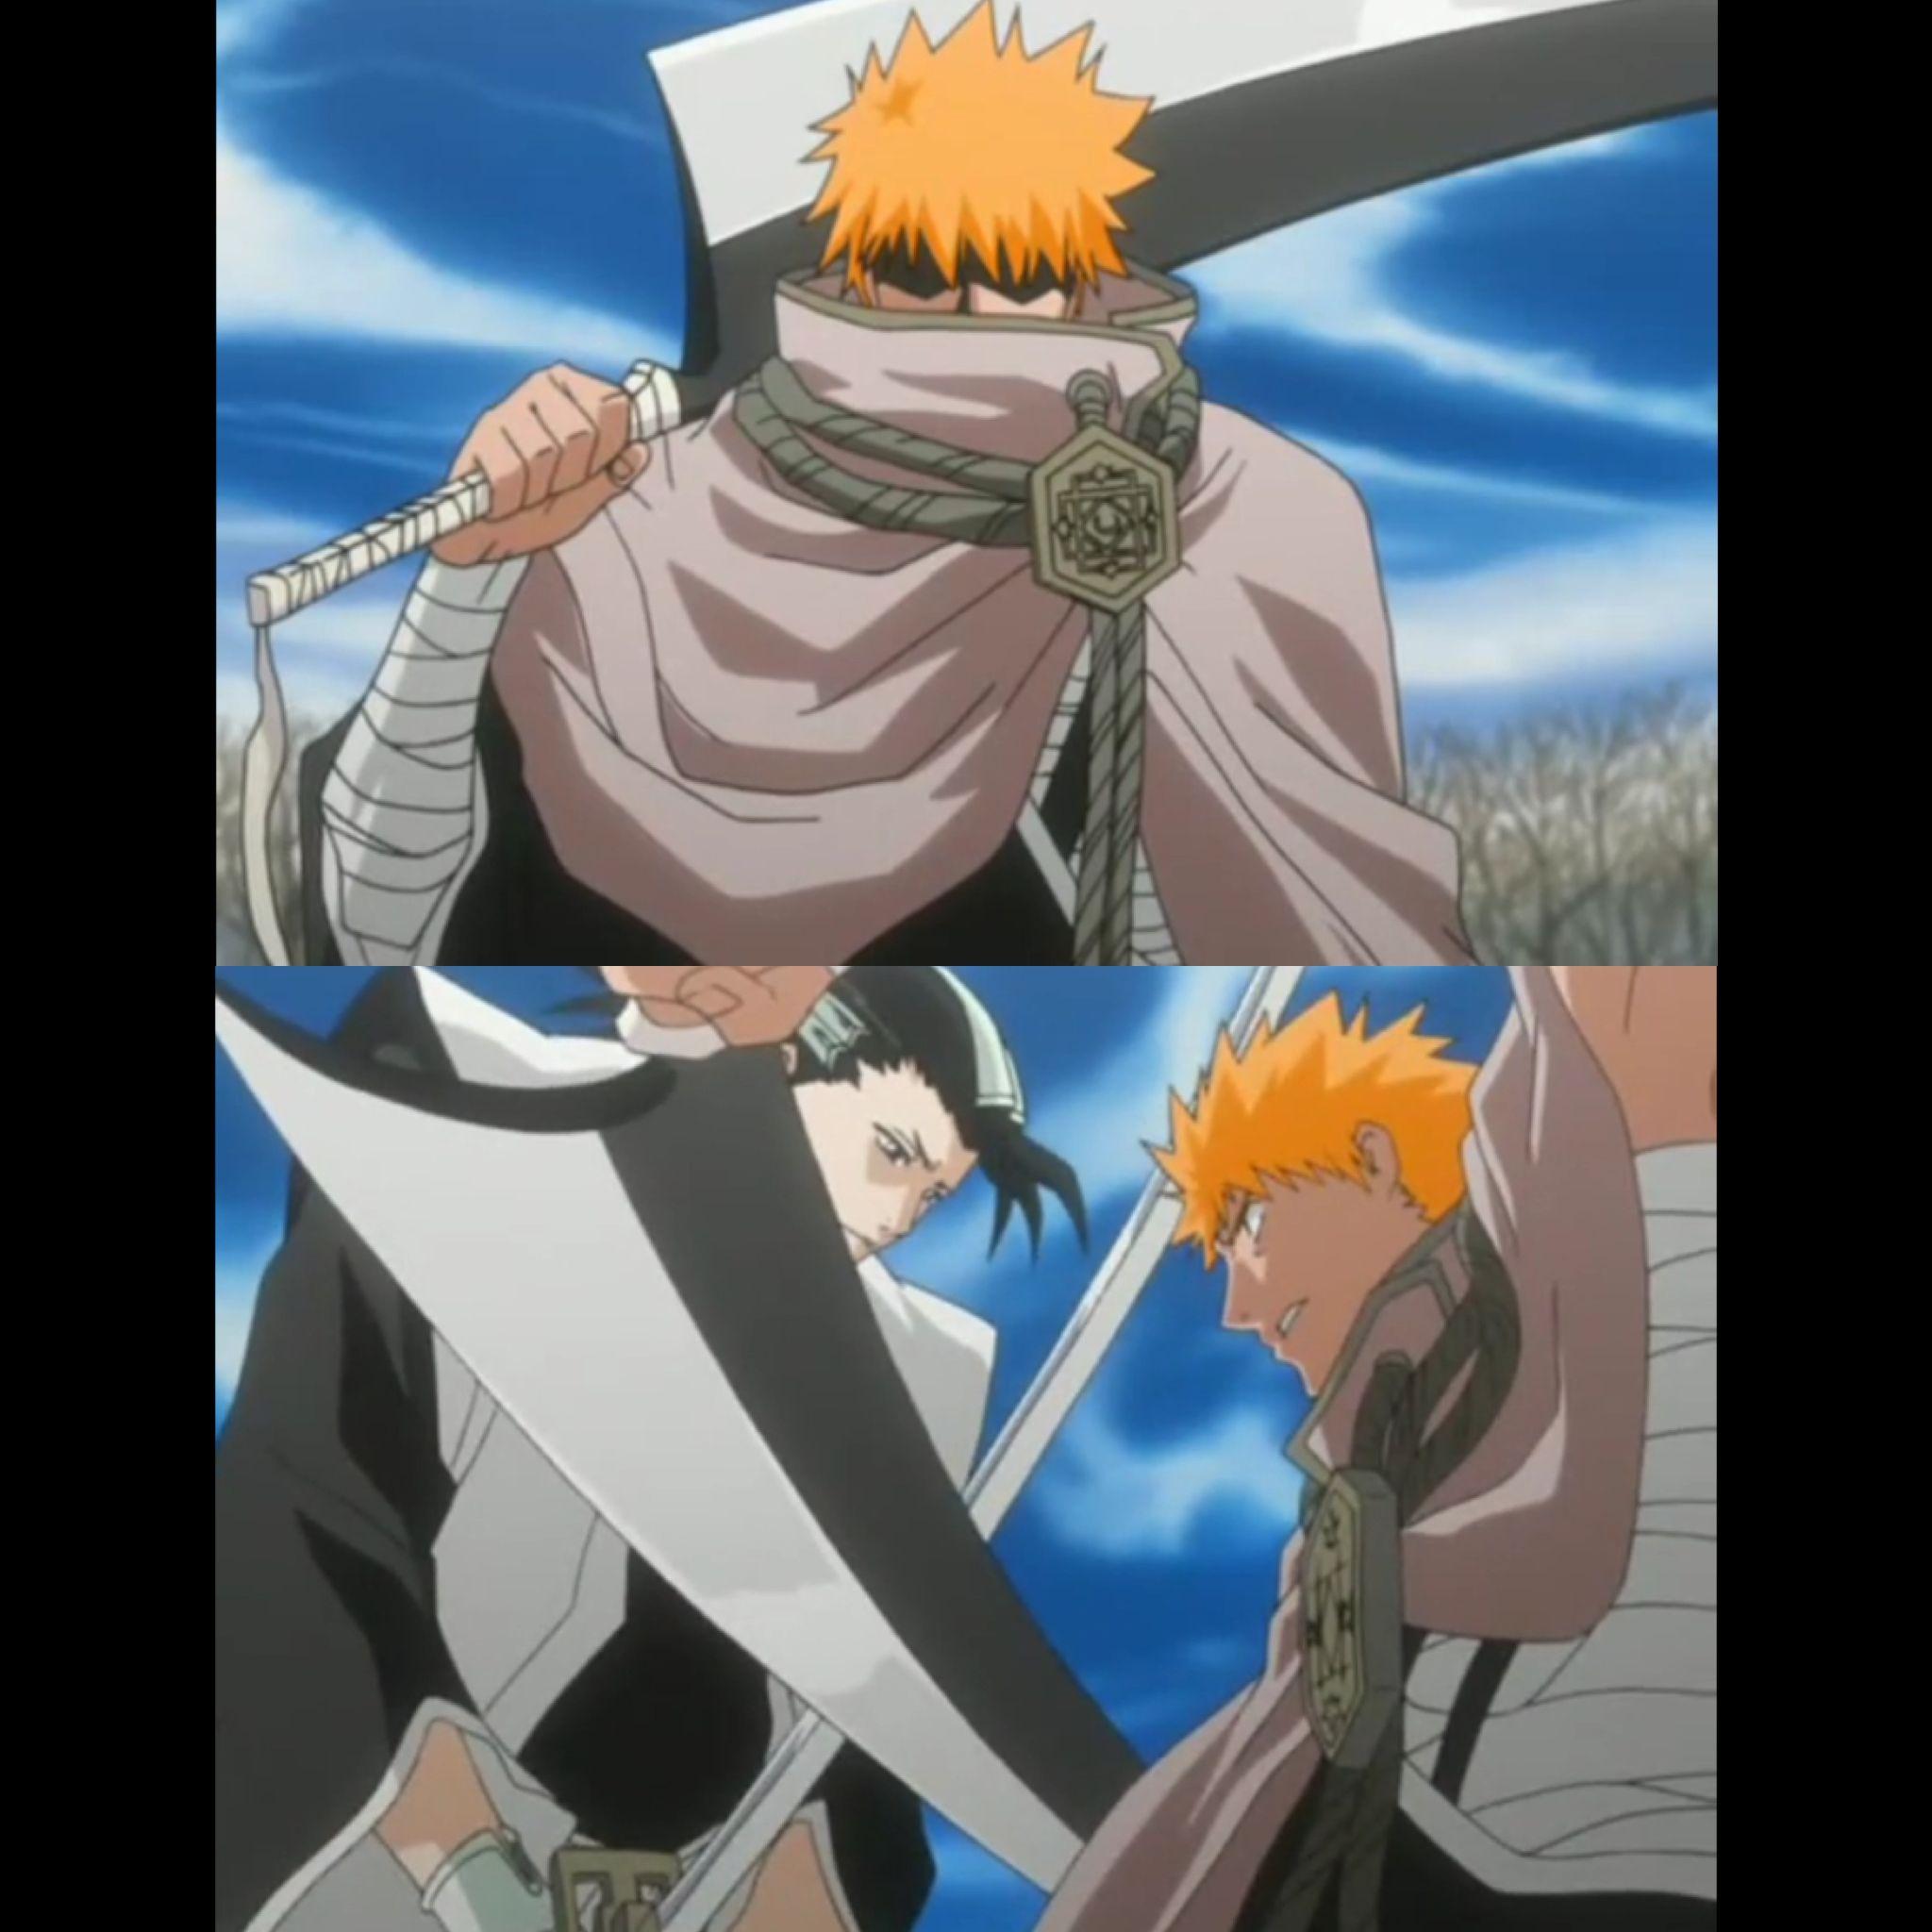 Bleach Season 3 Anime, Seasons, Season 3